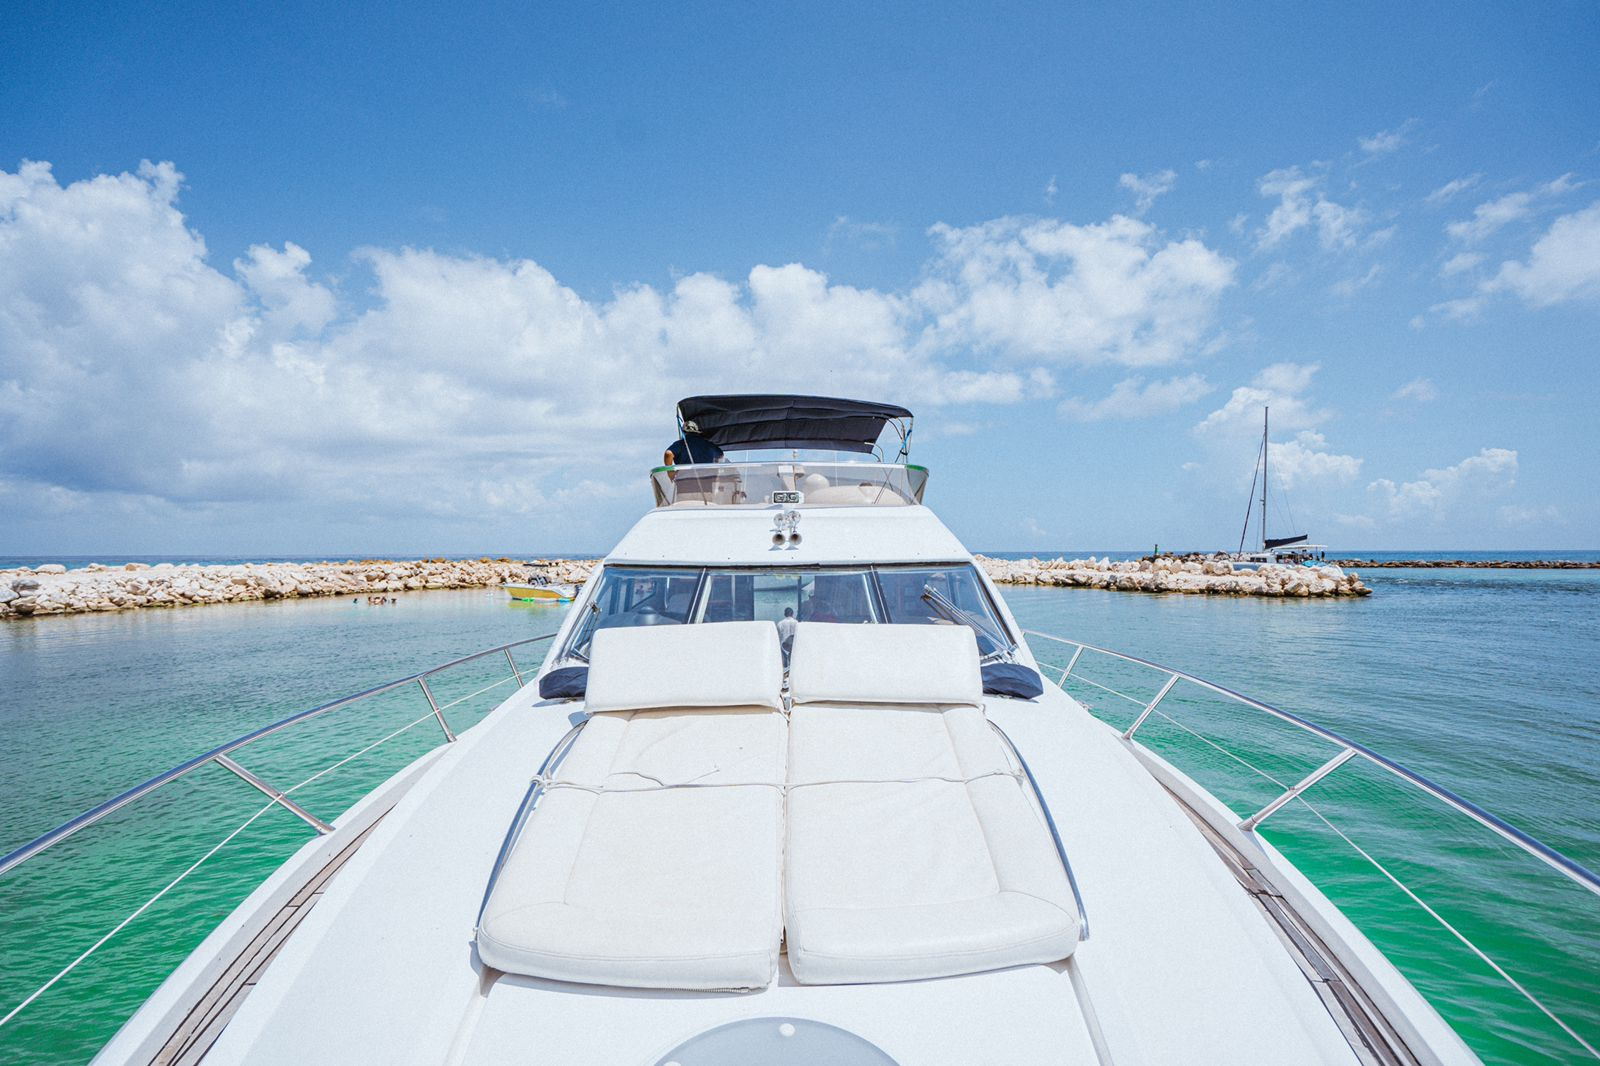 riviera maya luxury yact